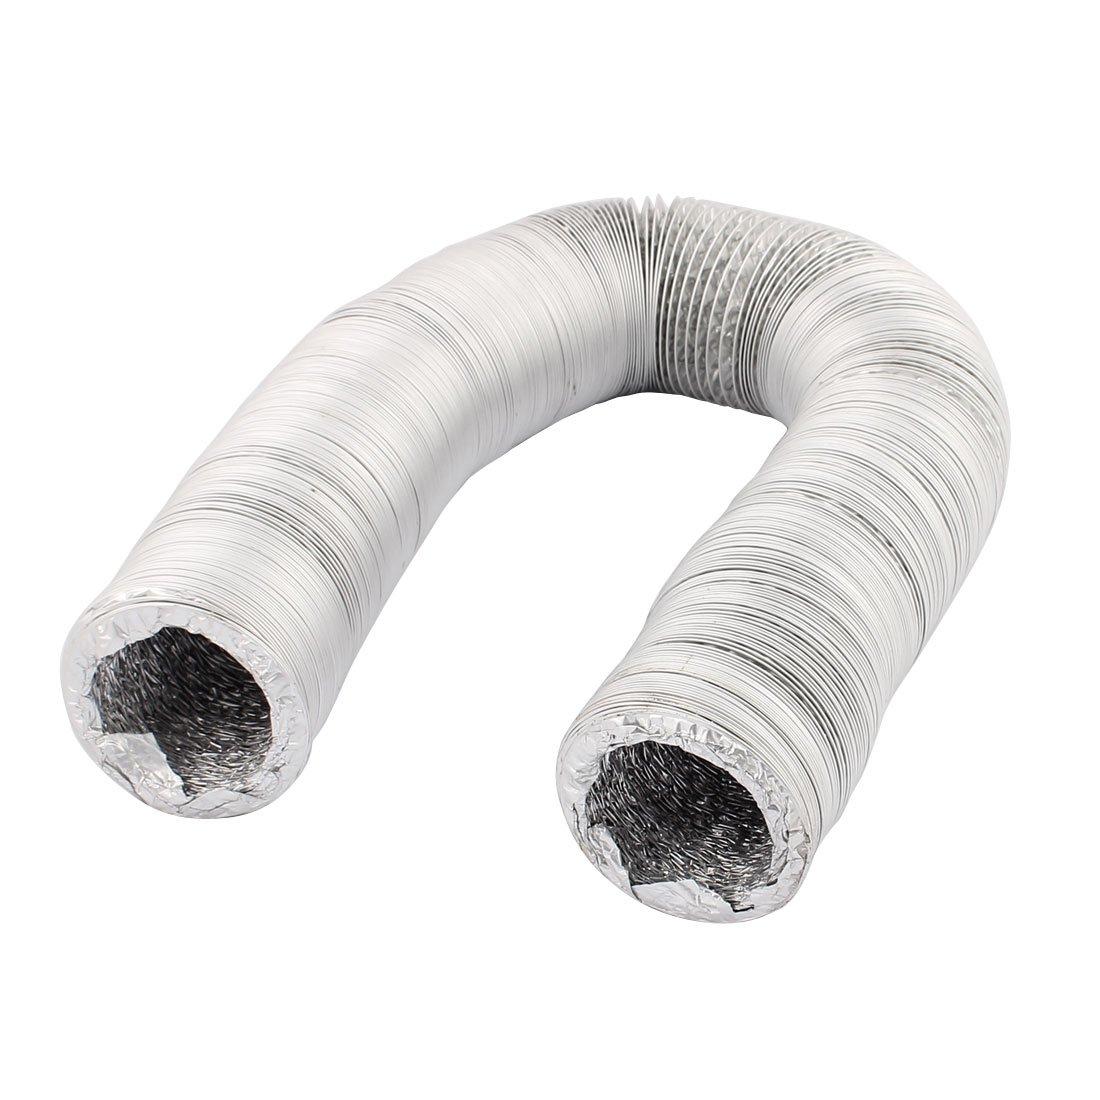 uxcell 8cm Dia Aluminum Foil Hose Ducting Flexible Pipe Ventilation 10M Length w Clamps